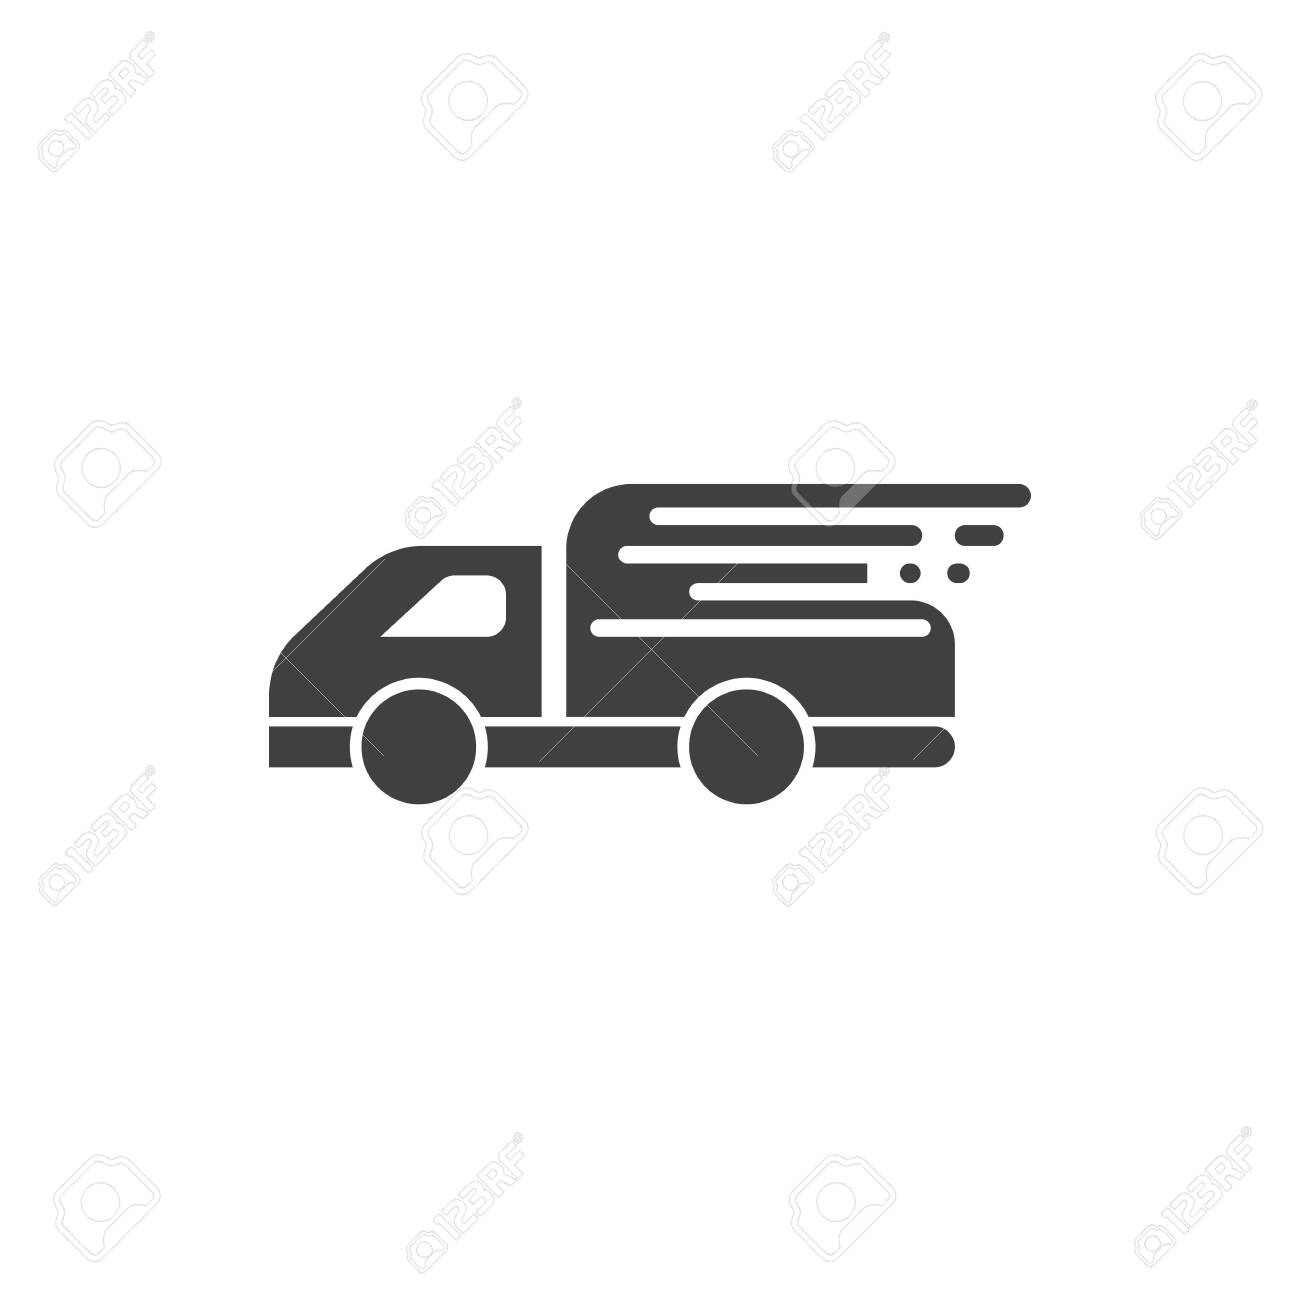 fast deliveri logo icon template illustration - 155195453